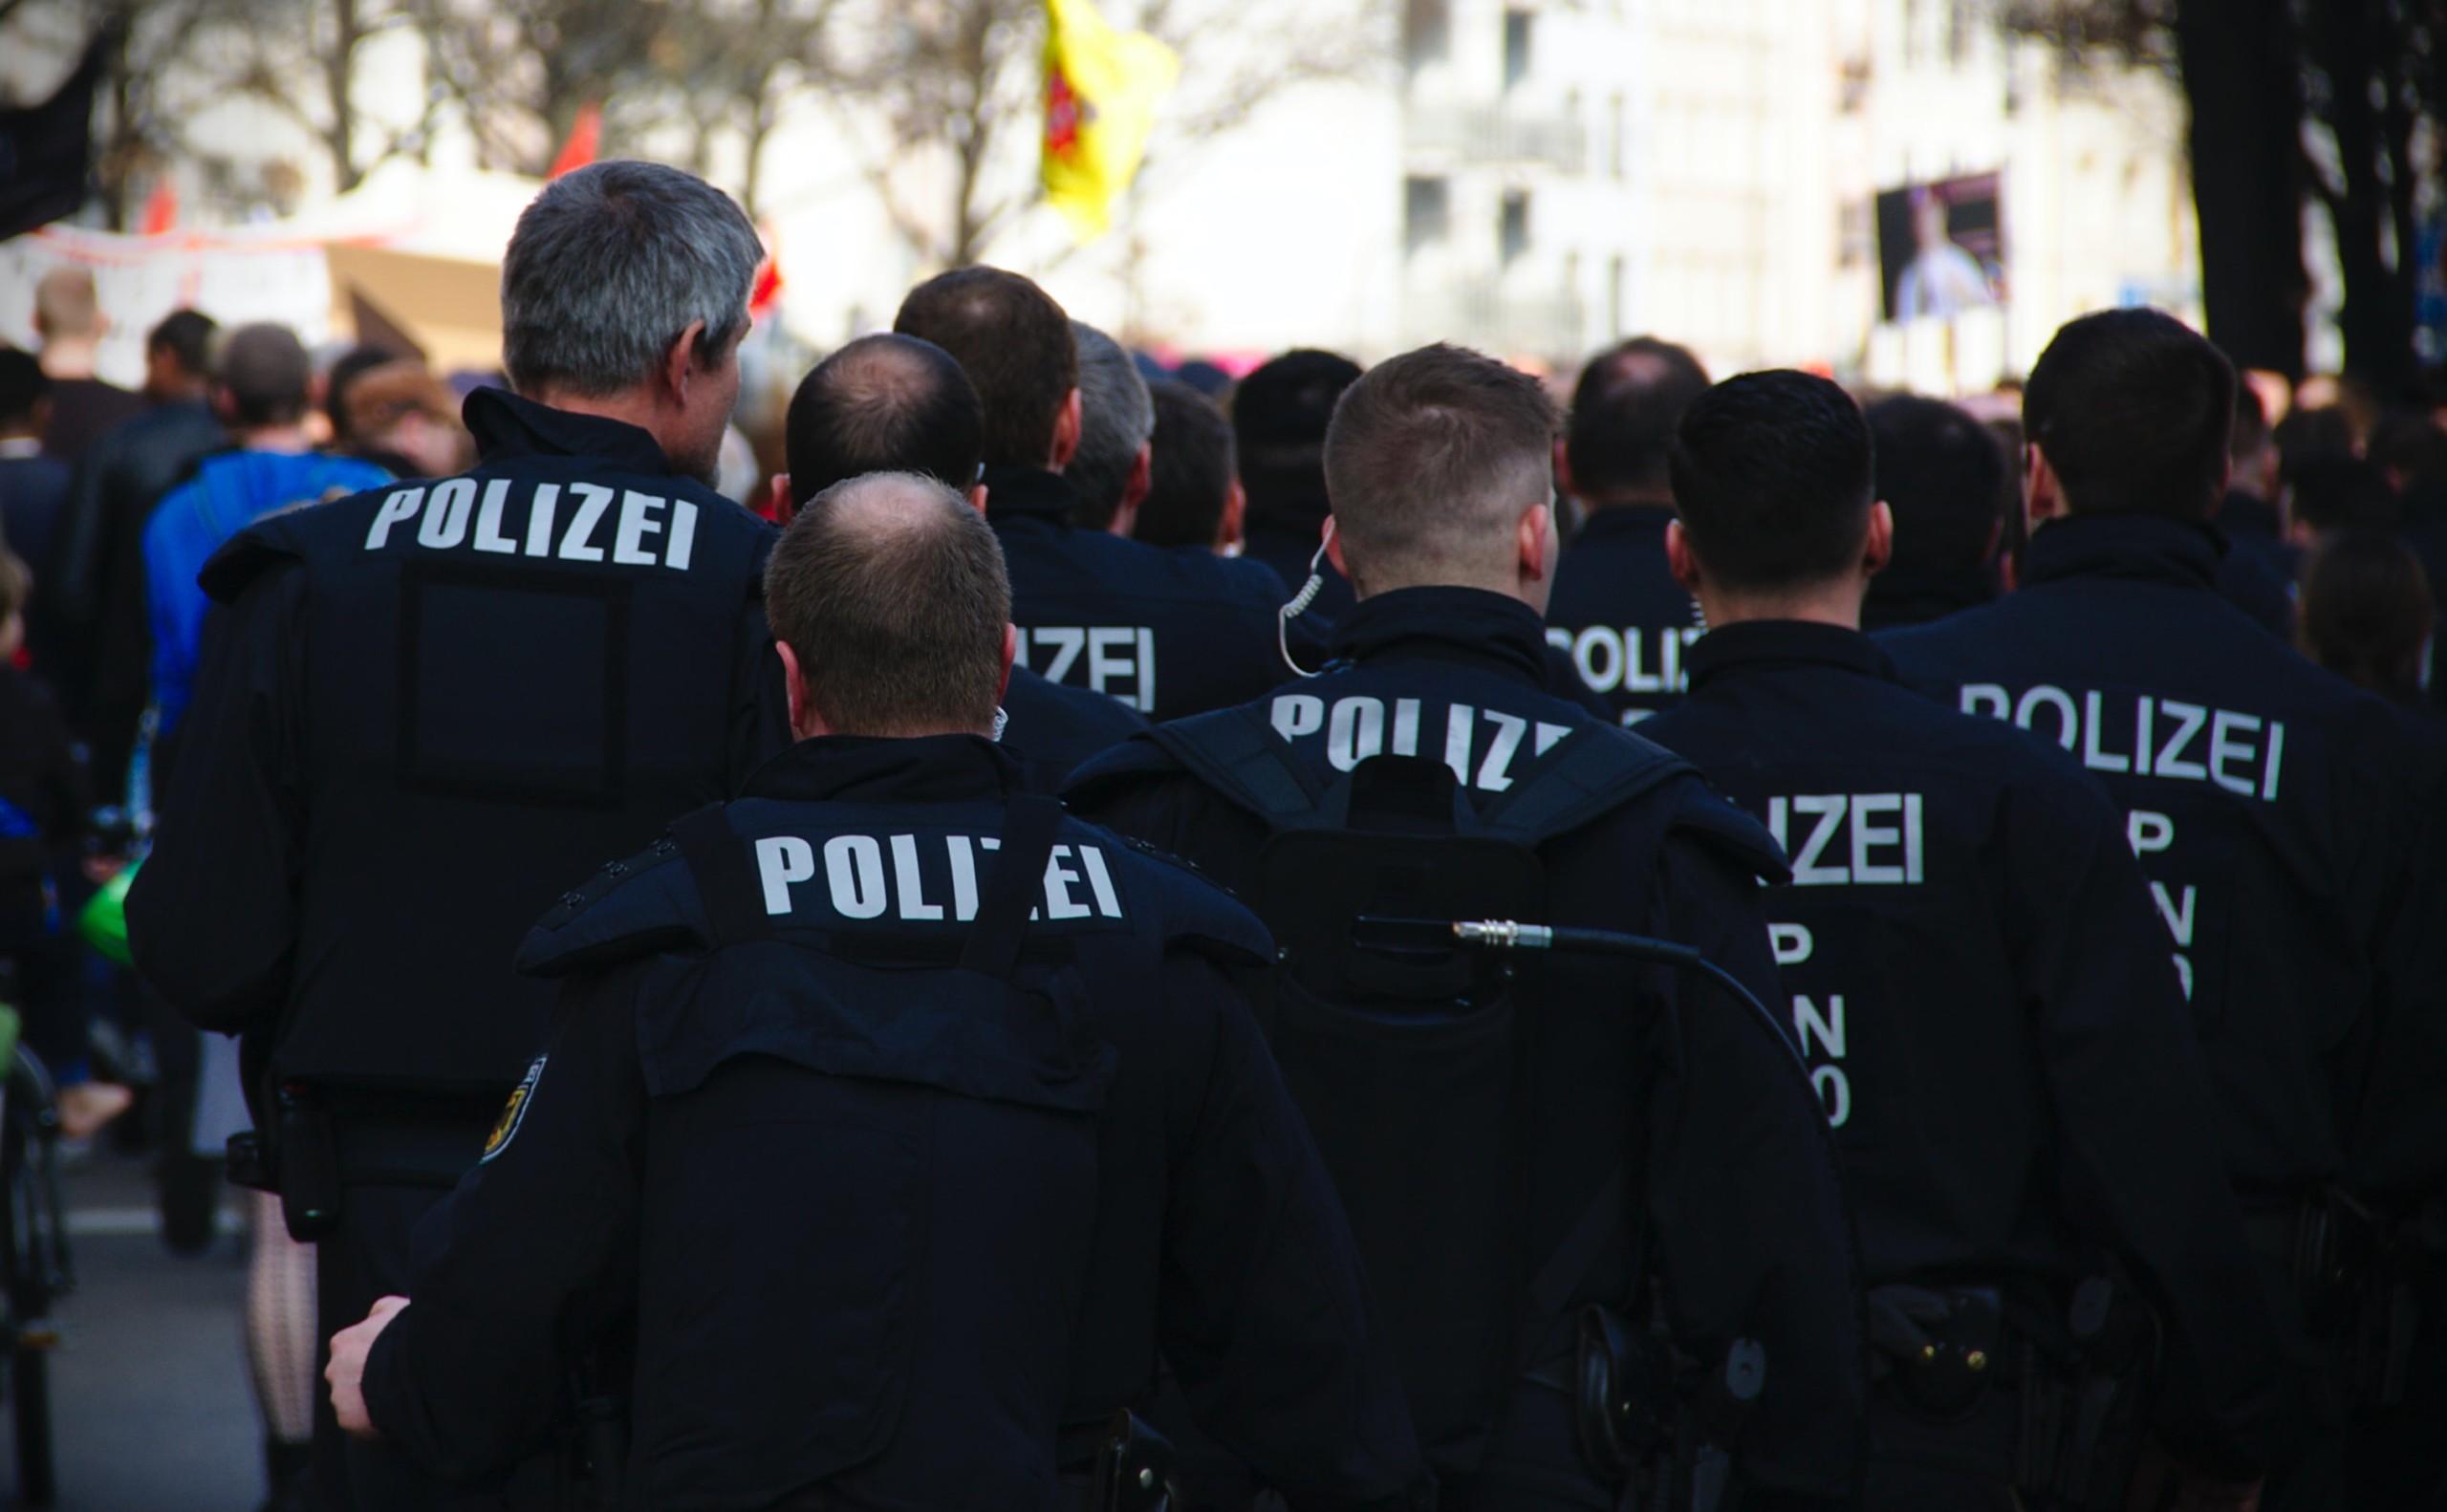 Klagen gegen Polizeigesetze